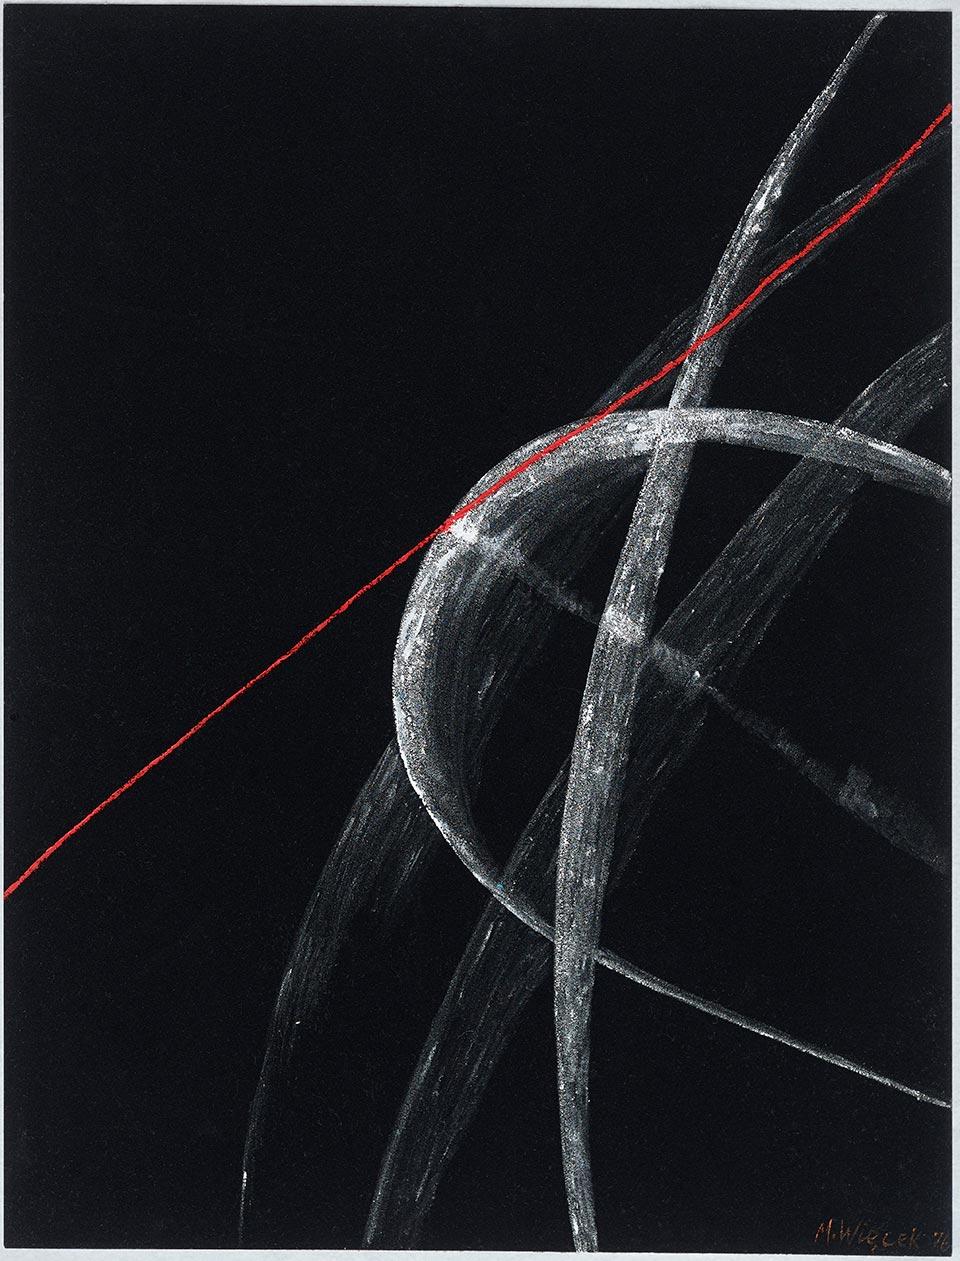 Bez tytułu, 1979 akryl, papier welurowy; 65.5 x 50.5 cm